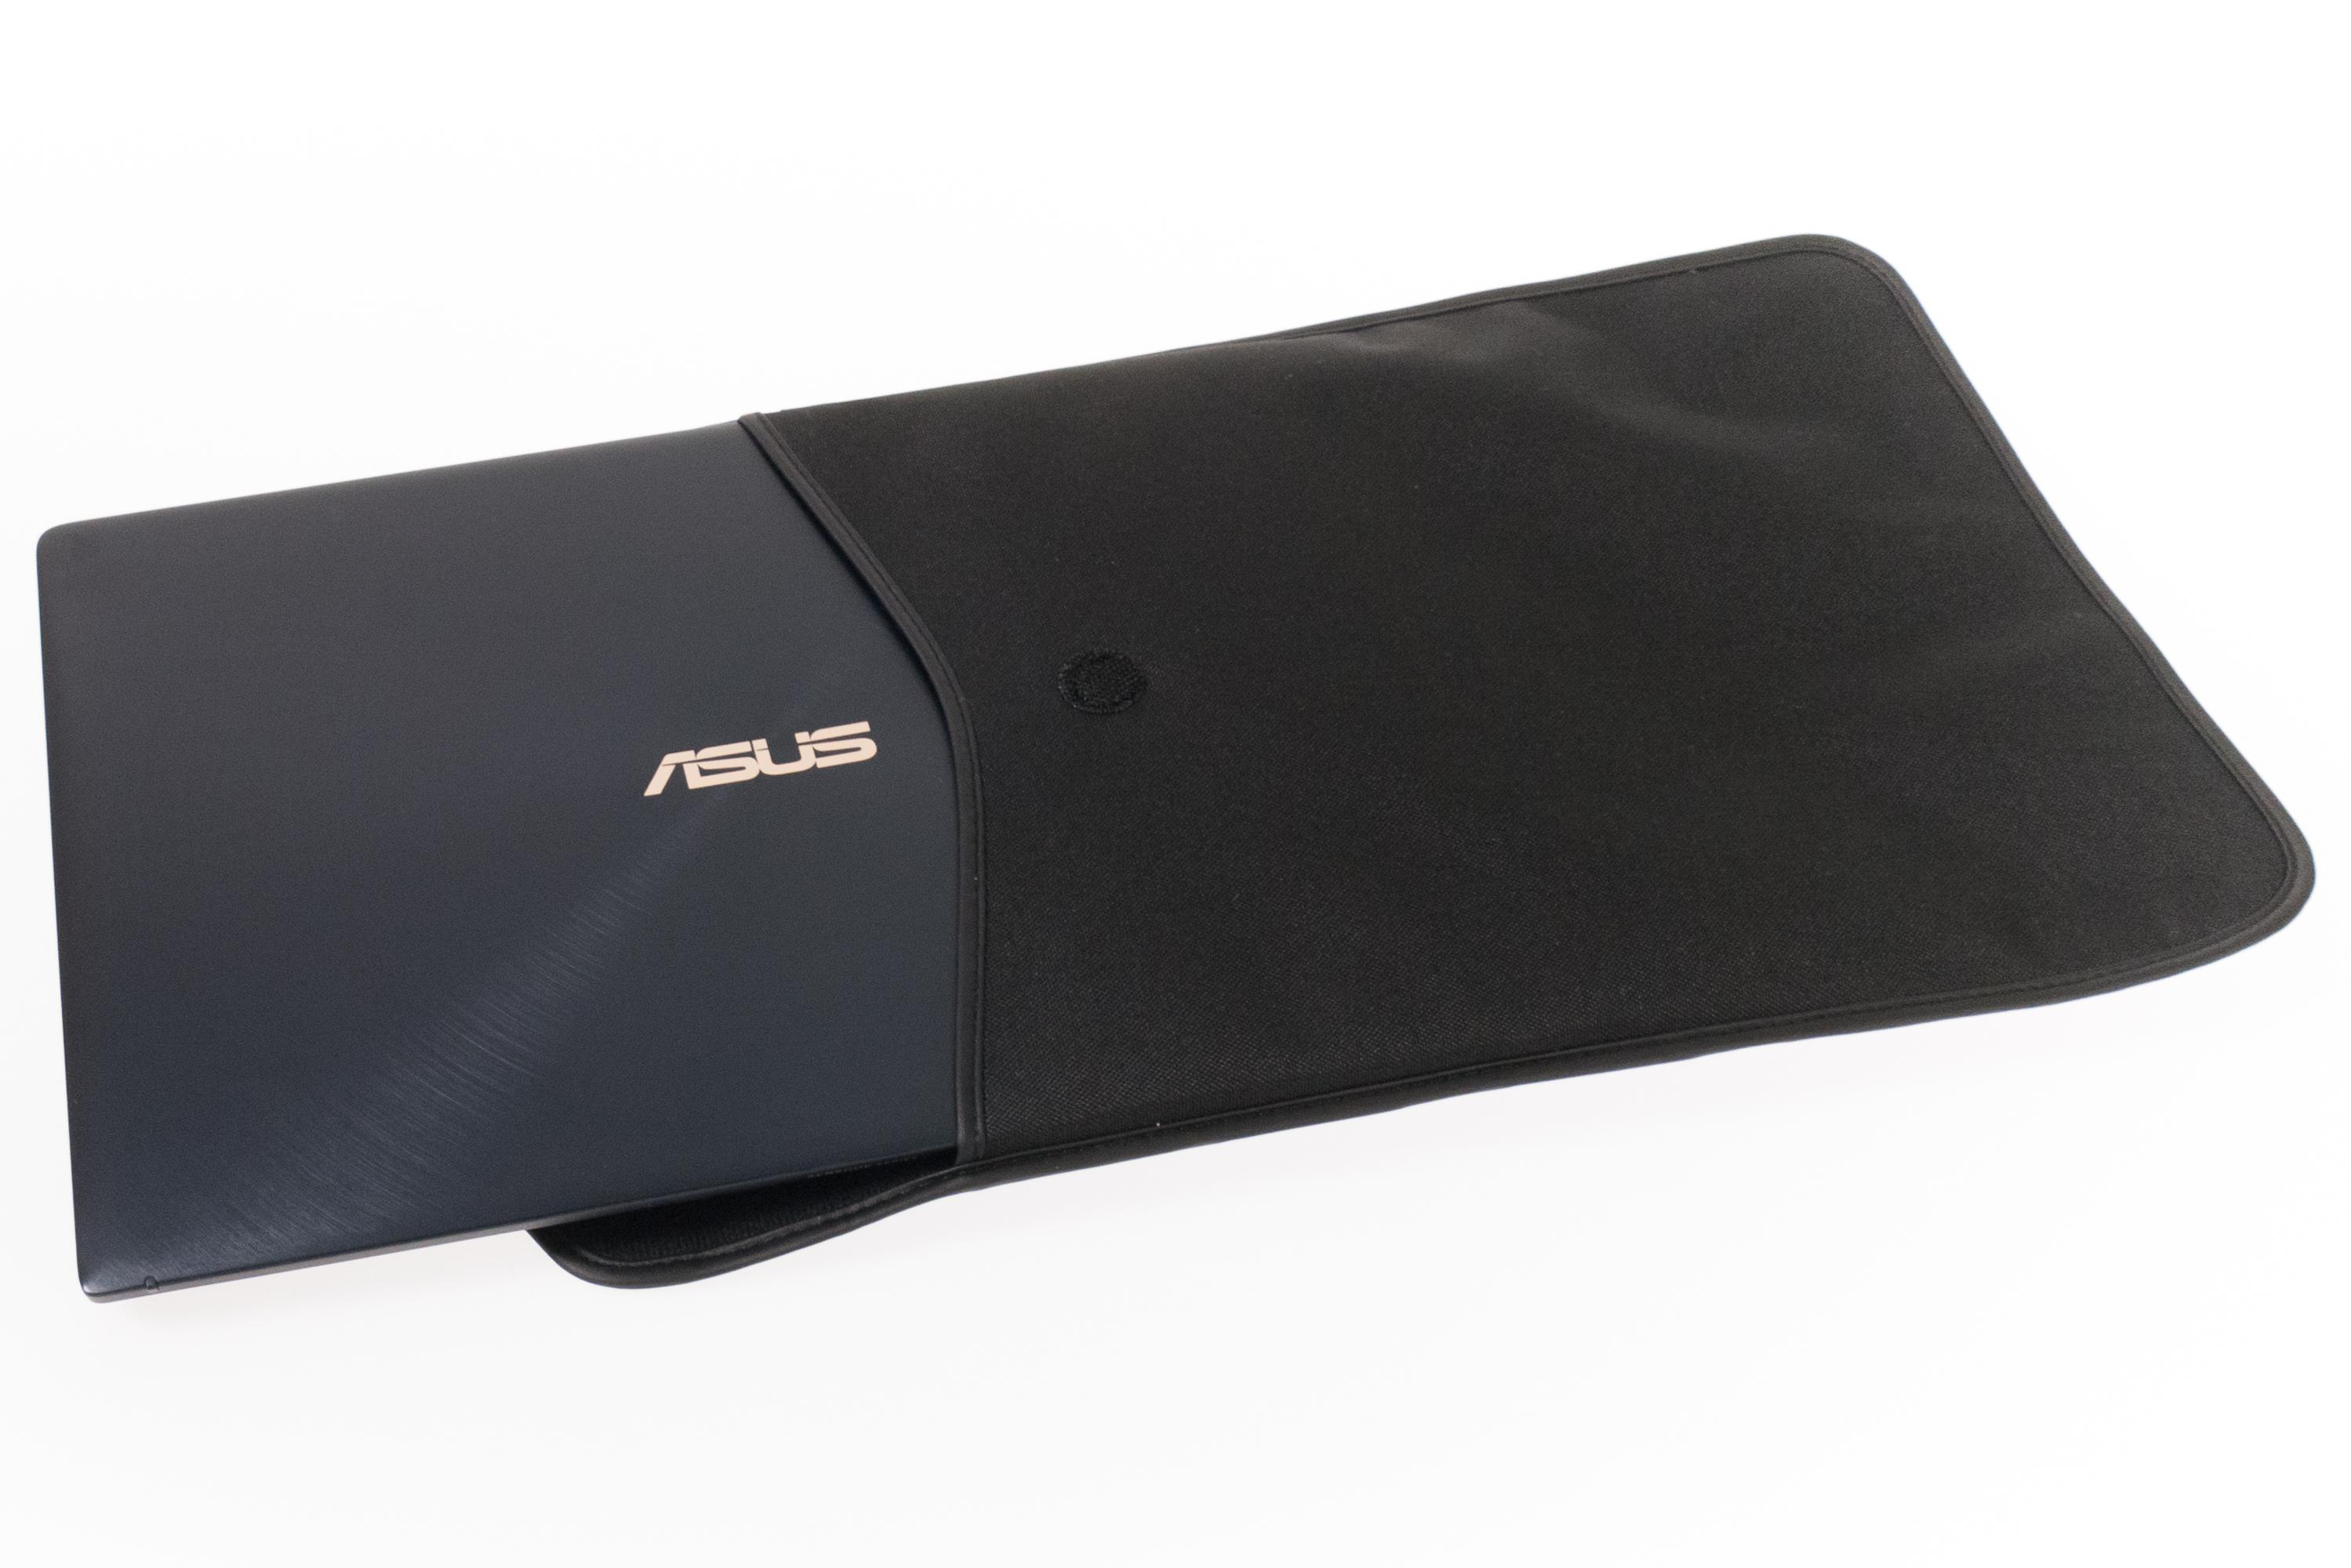 Asus Zenbook Pro 14 im Test: Das Display im Touchpad macht den Unterschied - Zenbook Pro 14 in der mitgelieferten Tasche (Bild: Oliver Nickel/Golem.de)